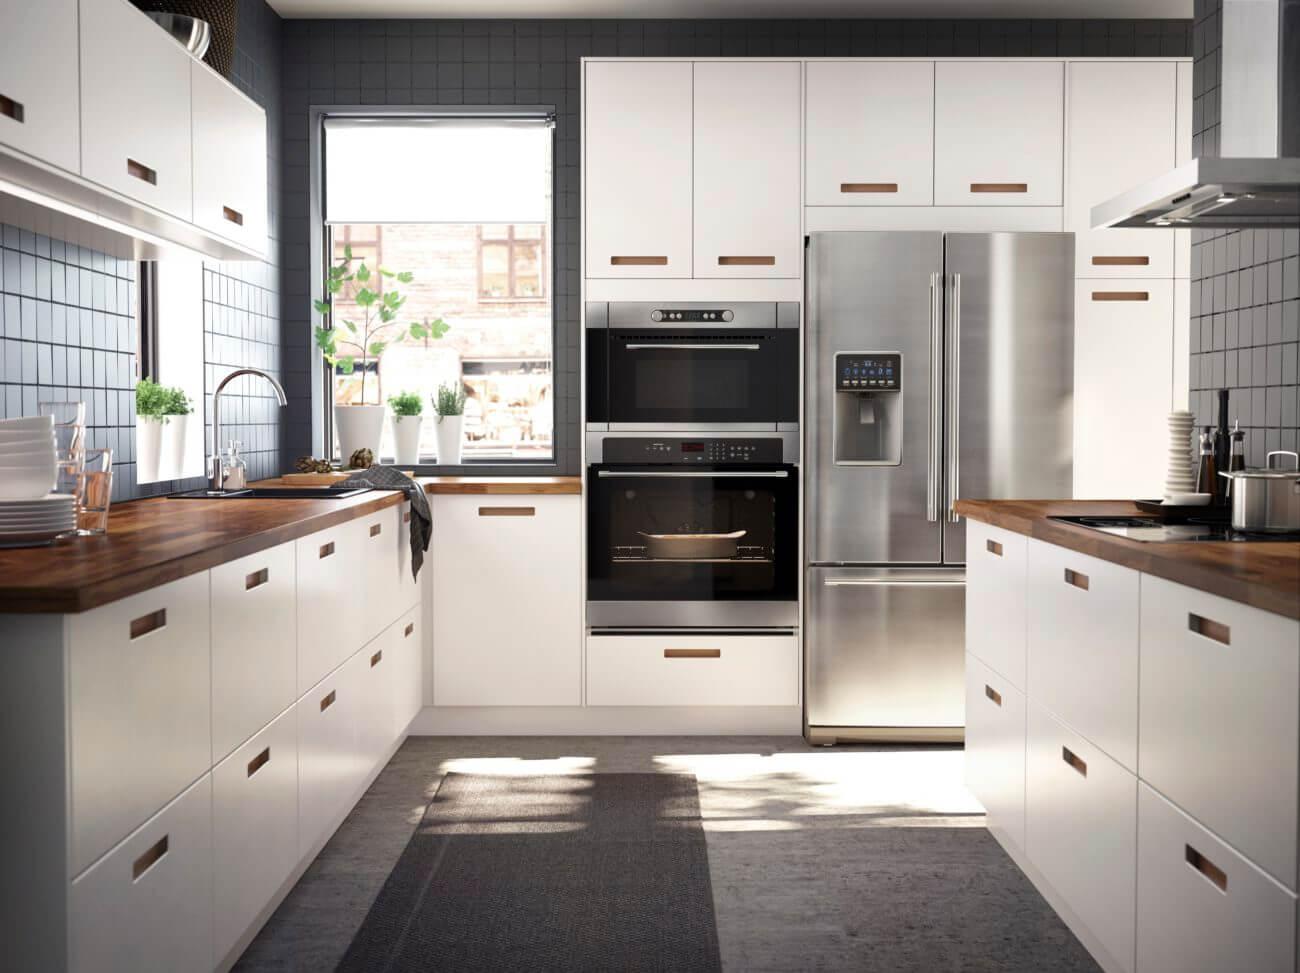 Full Size of Küche Planen Kostenlos Wie Viel Kostet Eine Ikea Kche Mit Und Ohne Ausmessen Schmales Regal Arbeitsplatten Abluftventilator Grifflose Selber Nischenrückwand Küche Küche Planen Kostenlos